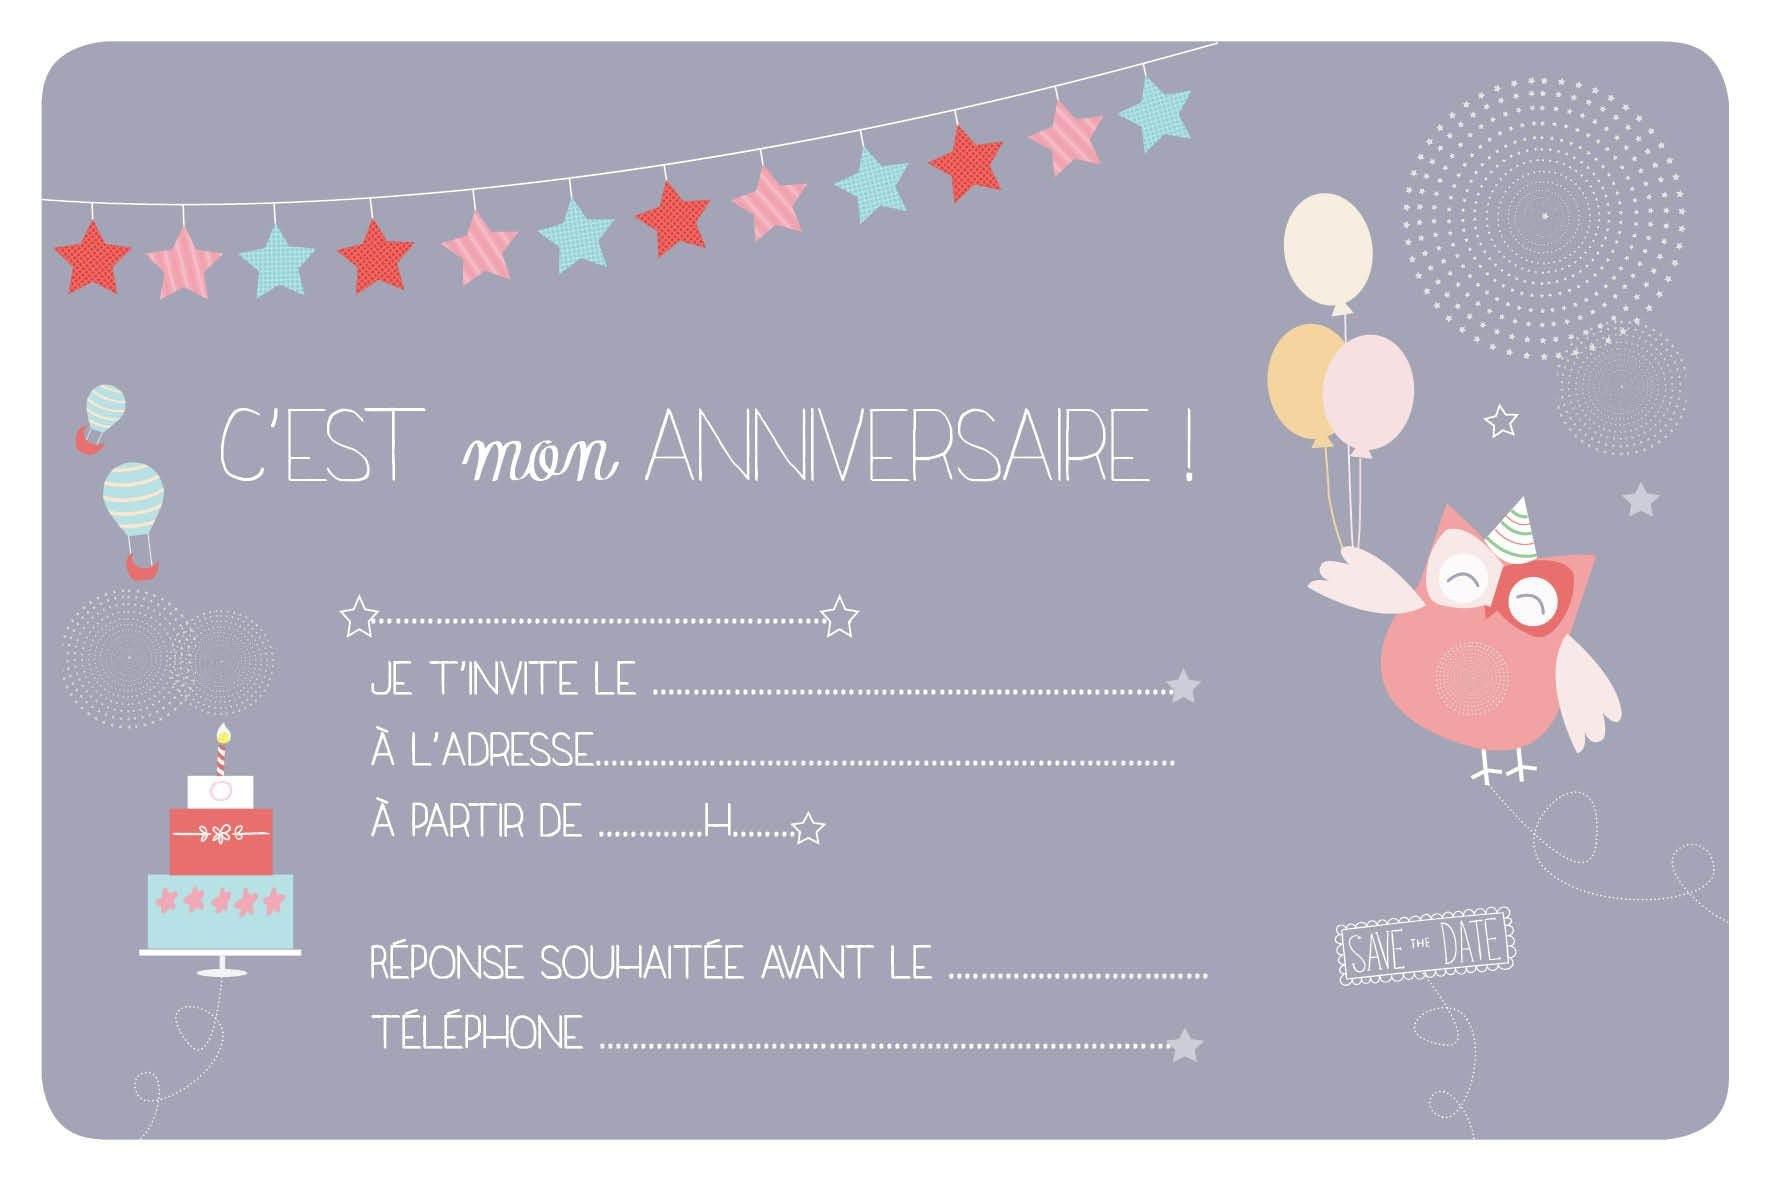 Carte invitation gratuite anniversaire adulte à imprimer - Elevagequalitetouraine